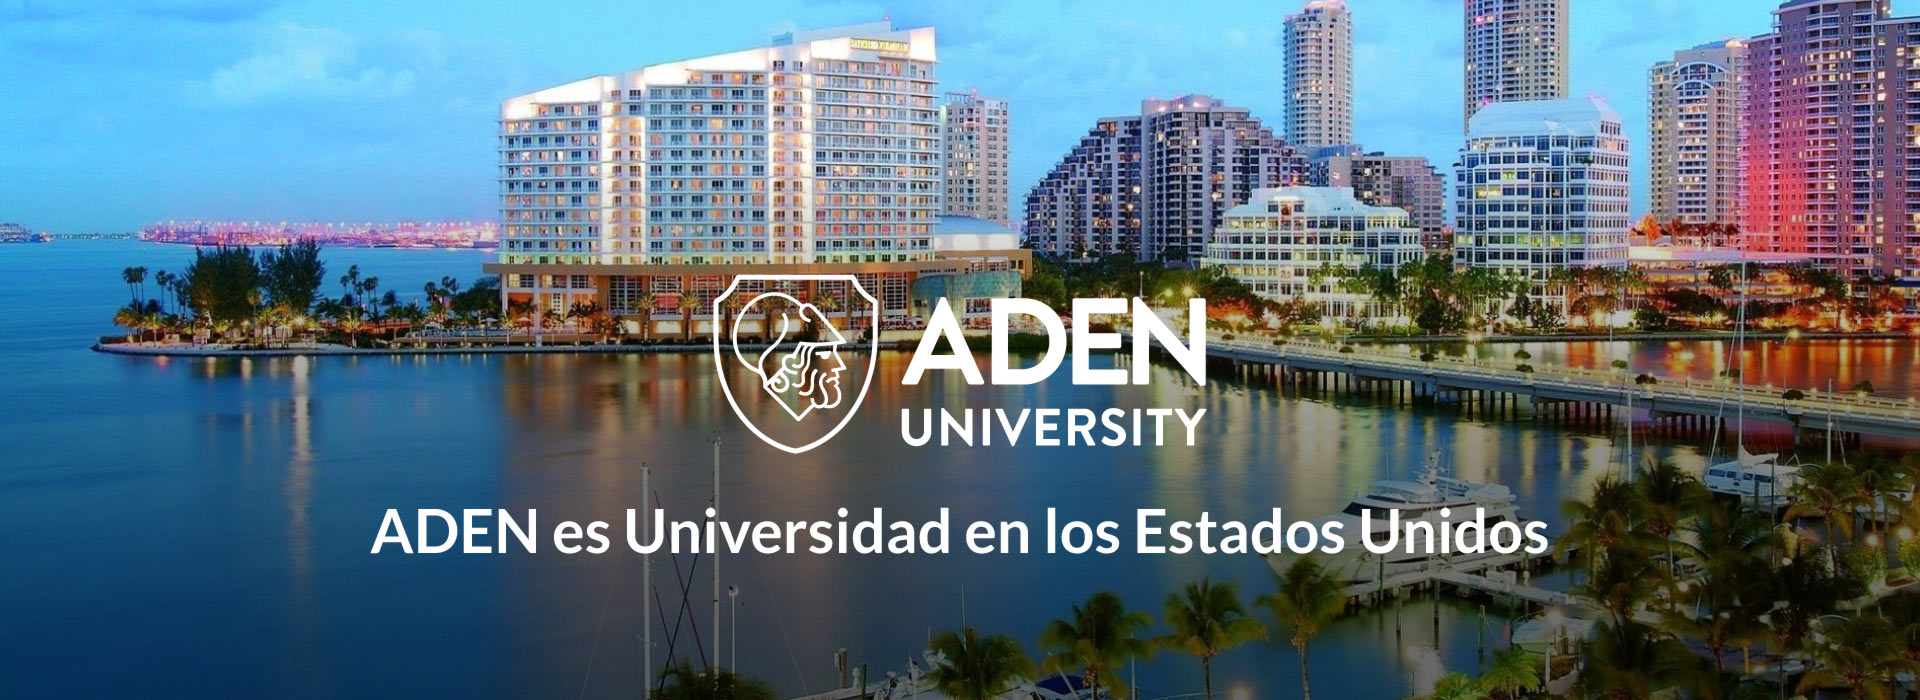 ADEN es Universidad en los Estados Unidos